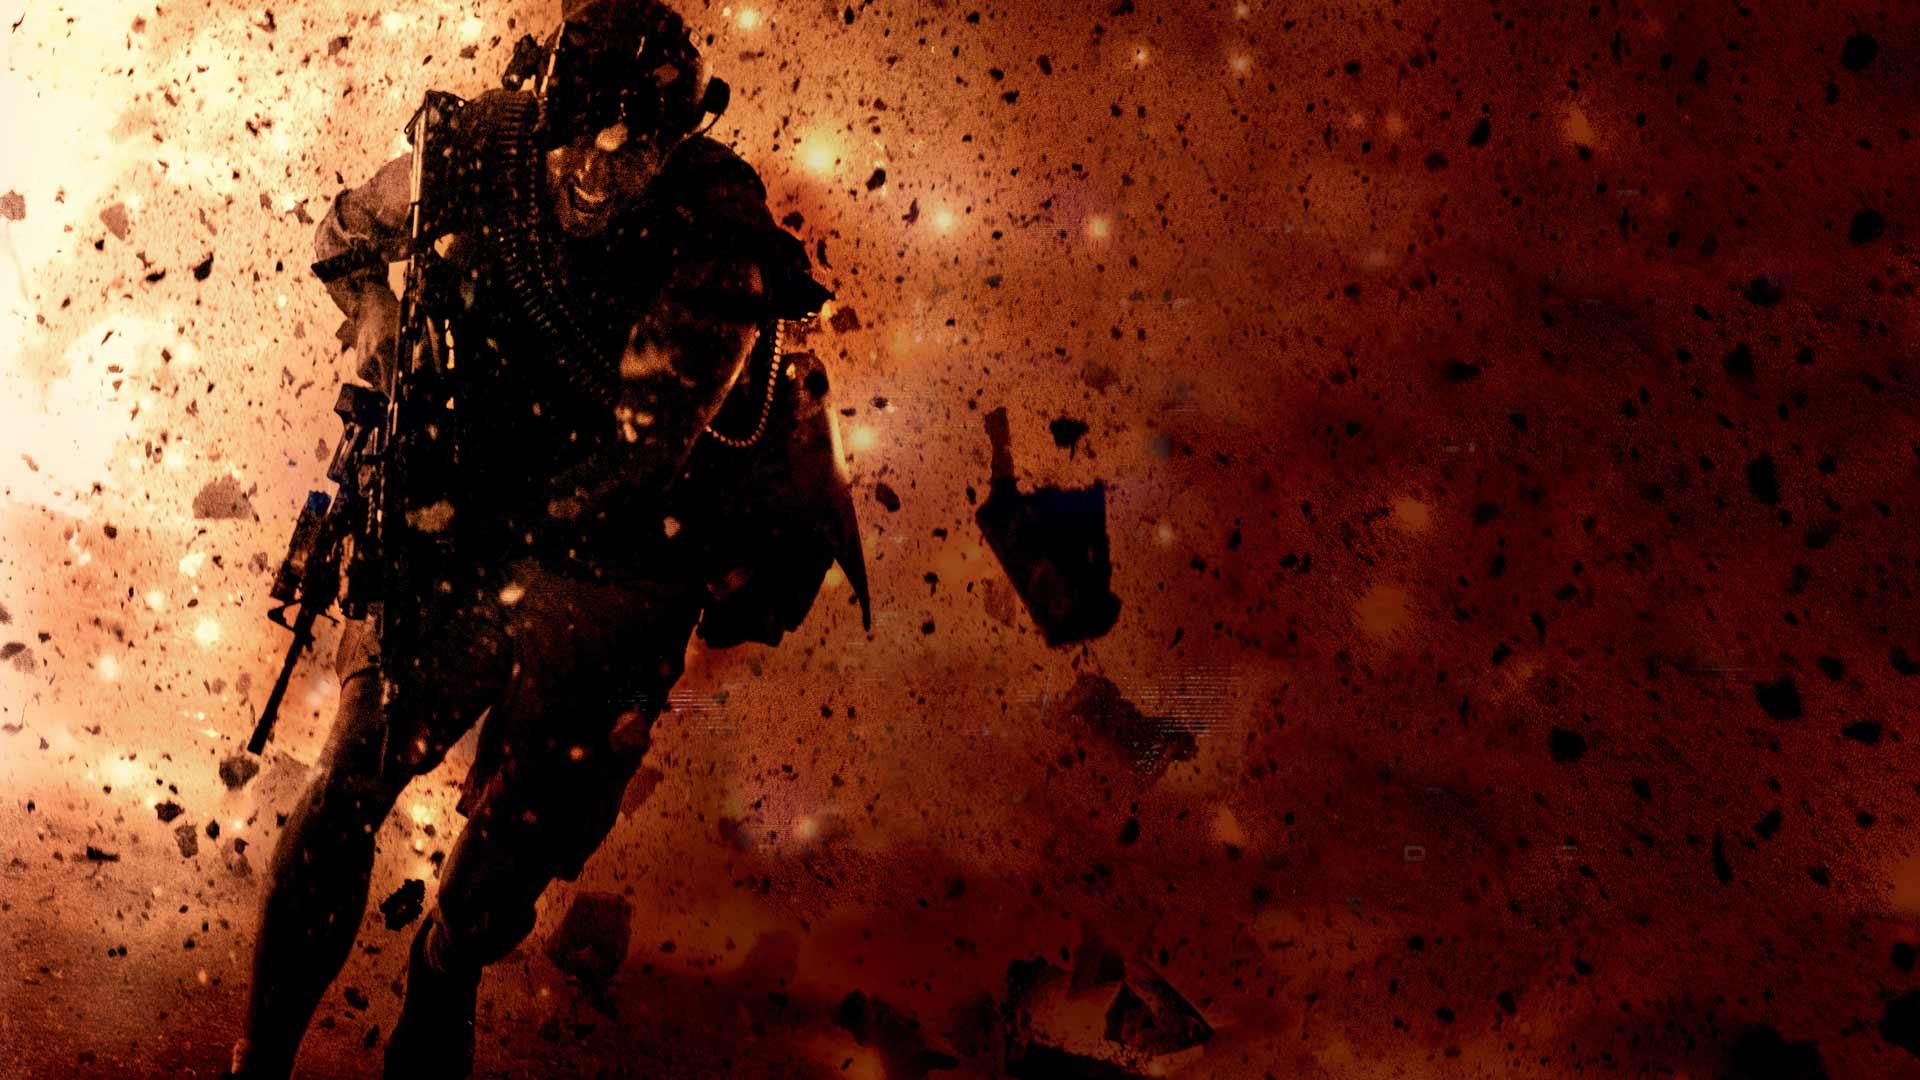 ۱۳ ساعت: سربازان مخفی بنغازی